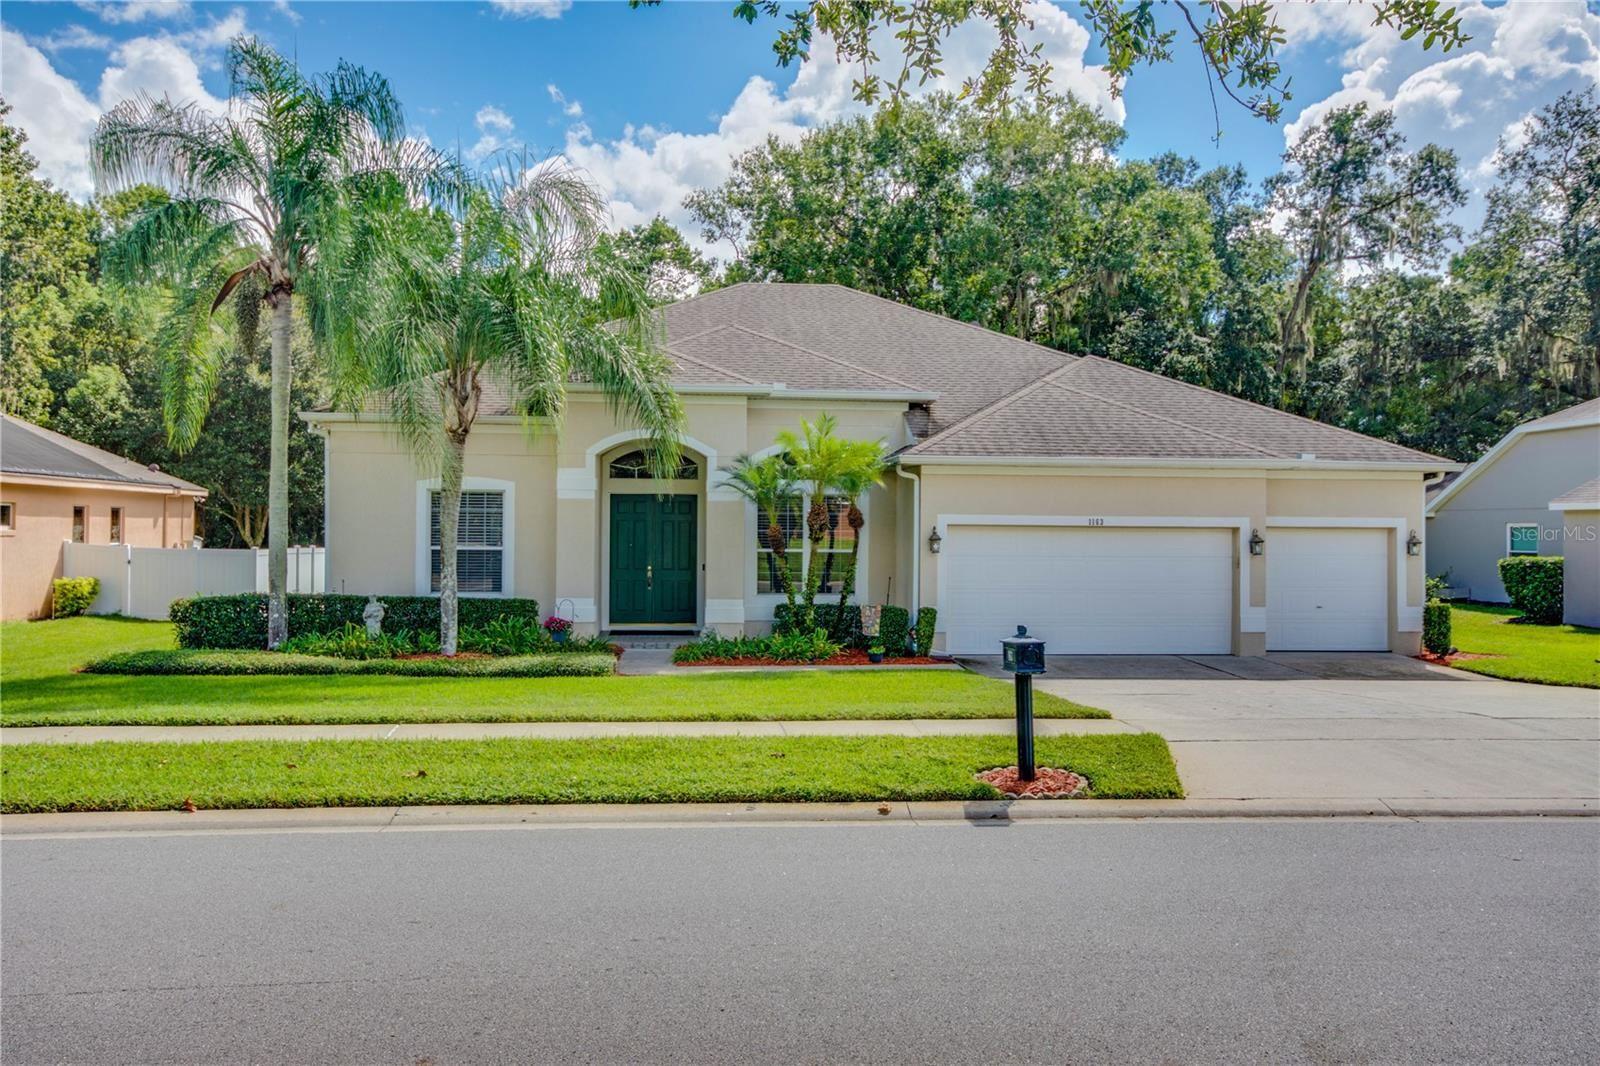 1163 OAK CREEK COURT, Winter Springs, FL 32708 - MLS#: O5978852